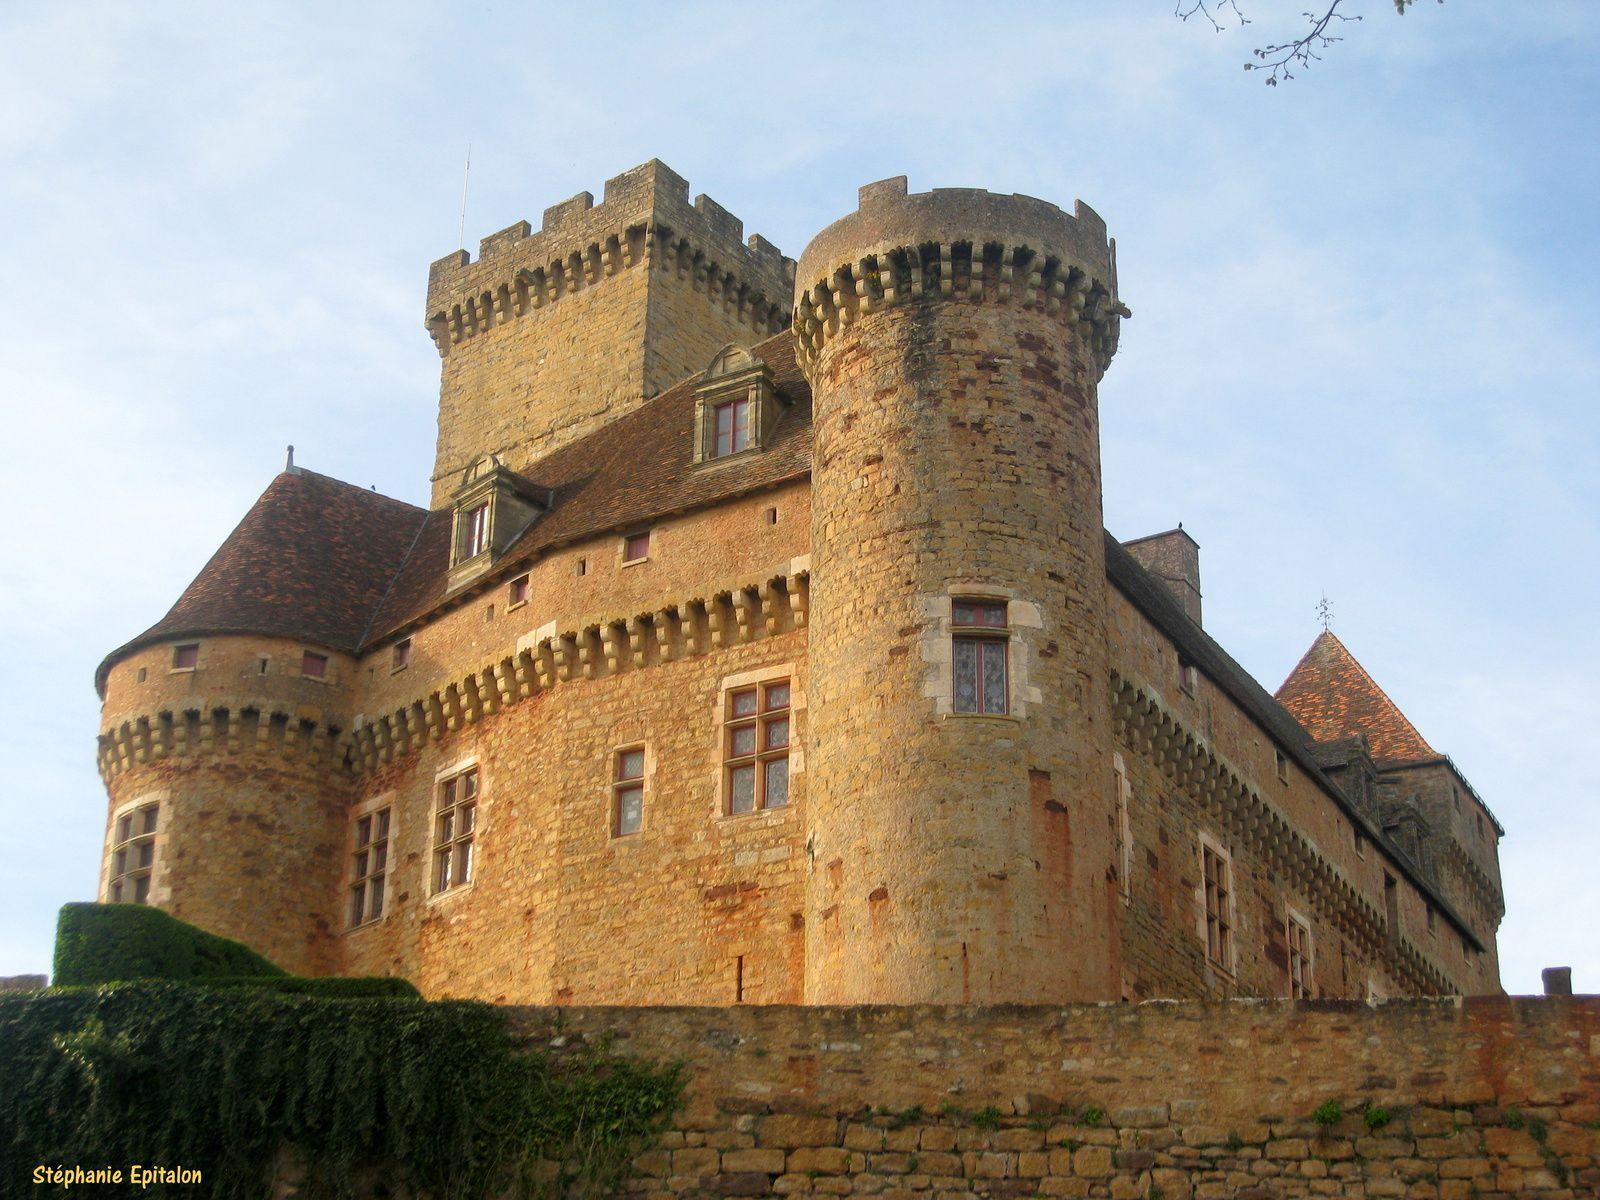 Château de Castelnau-Bretenoux Périgord vacances avril 2010